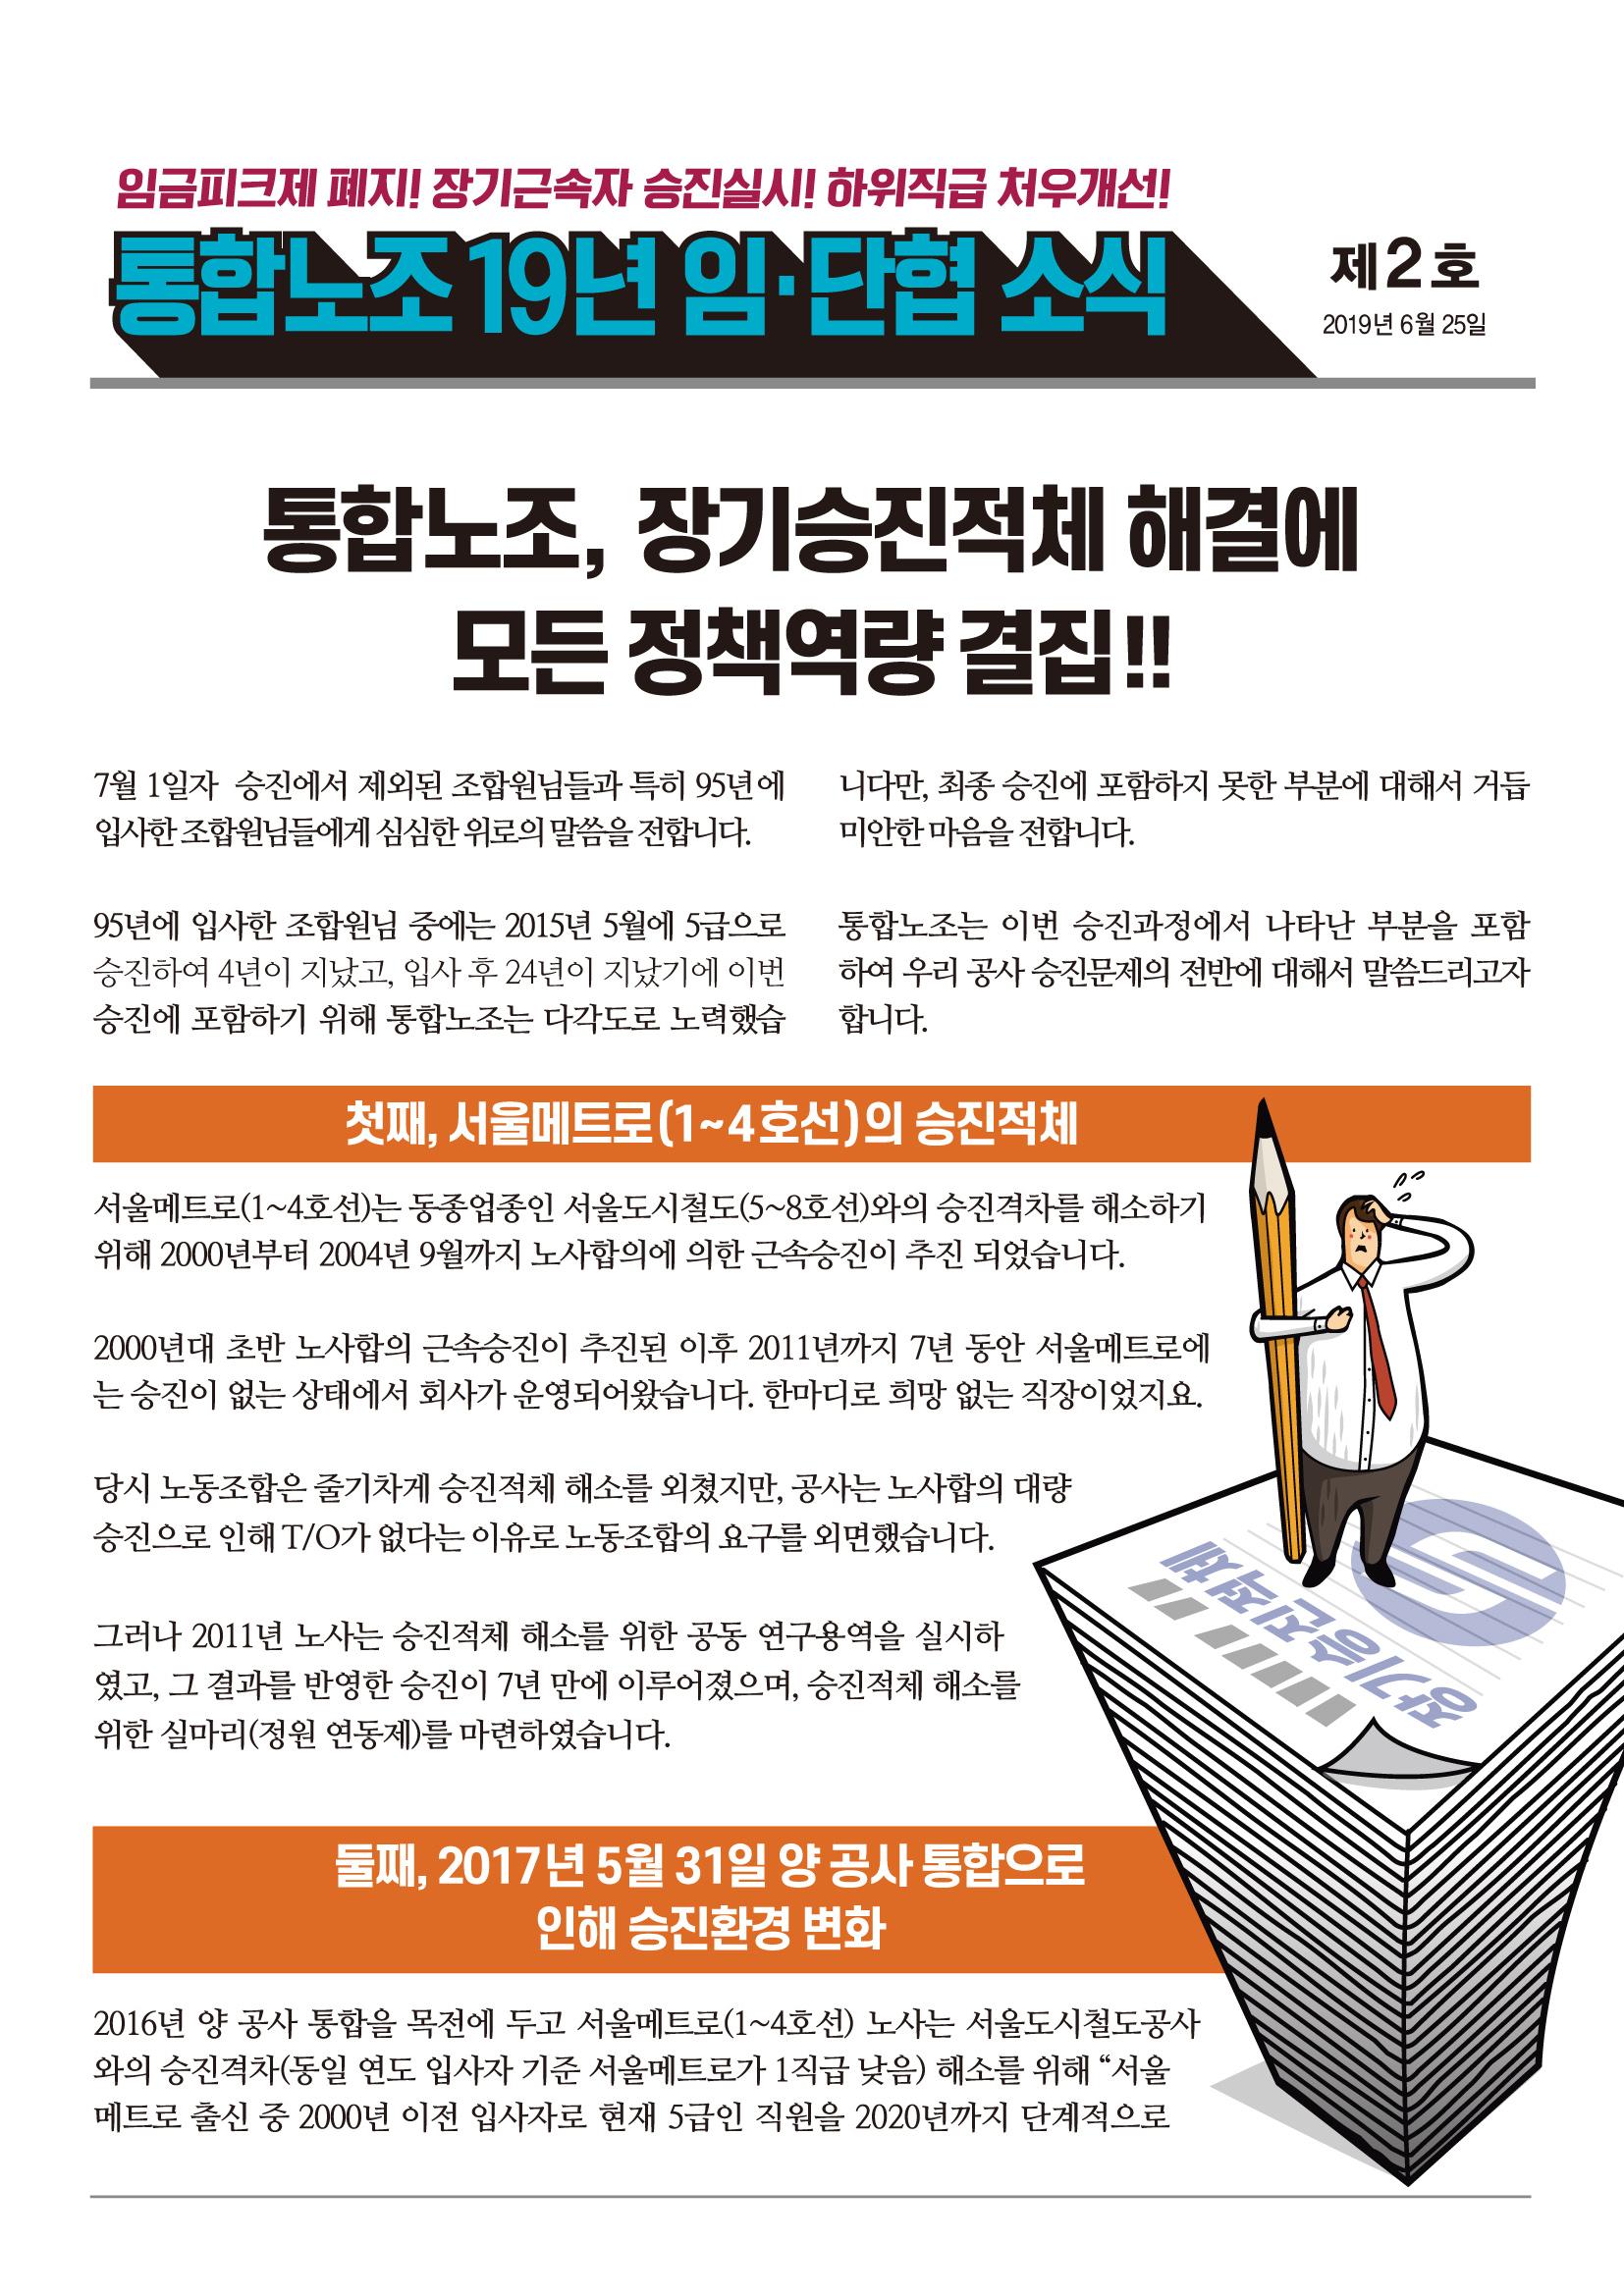 통합노조19년임단협소식_제2호_A4-1.jpg